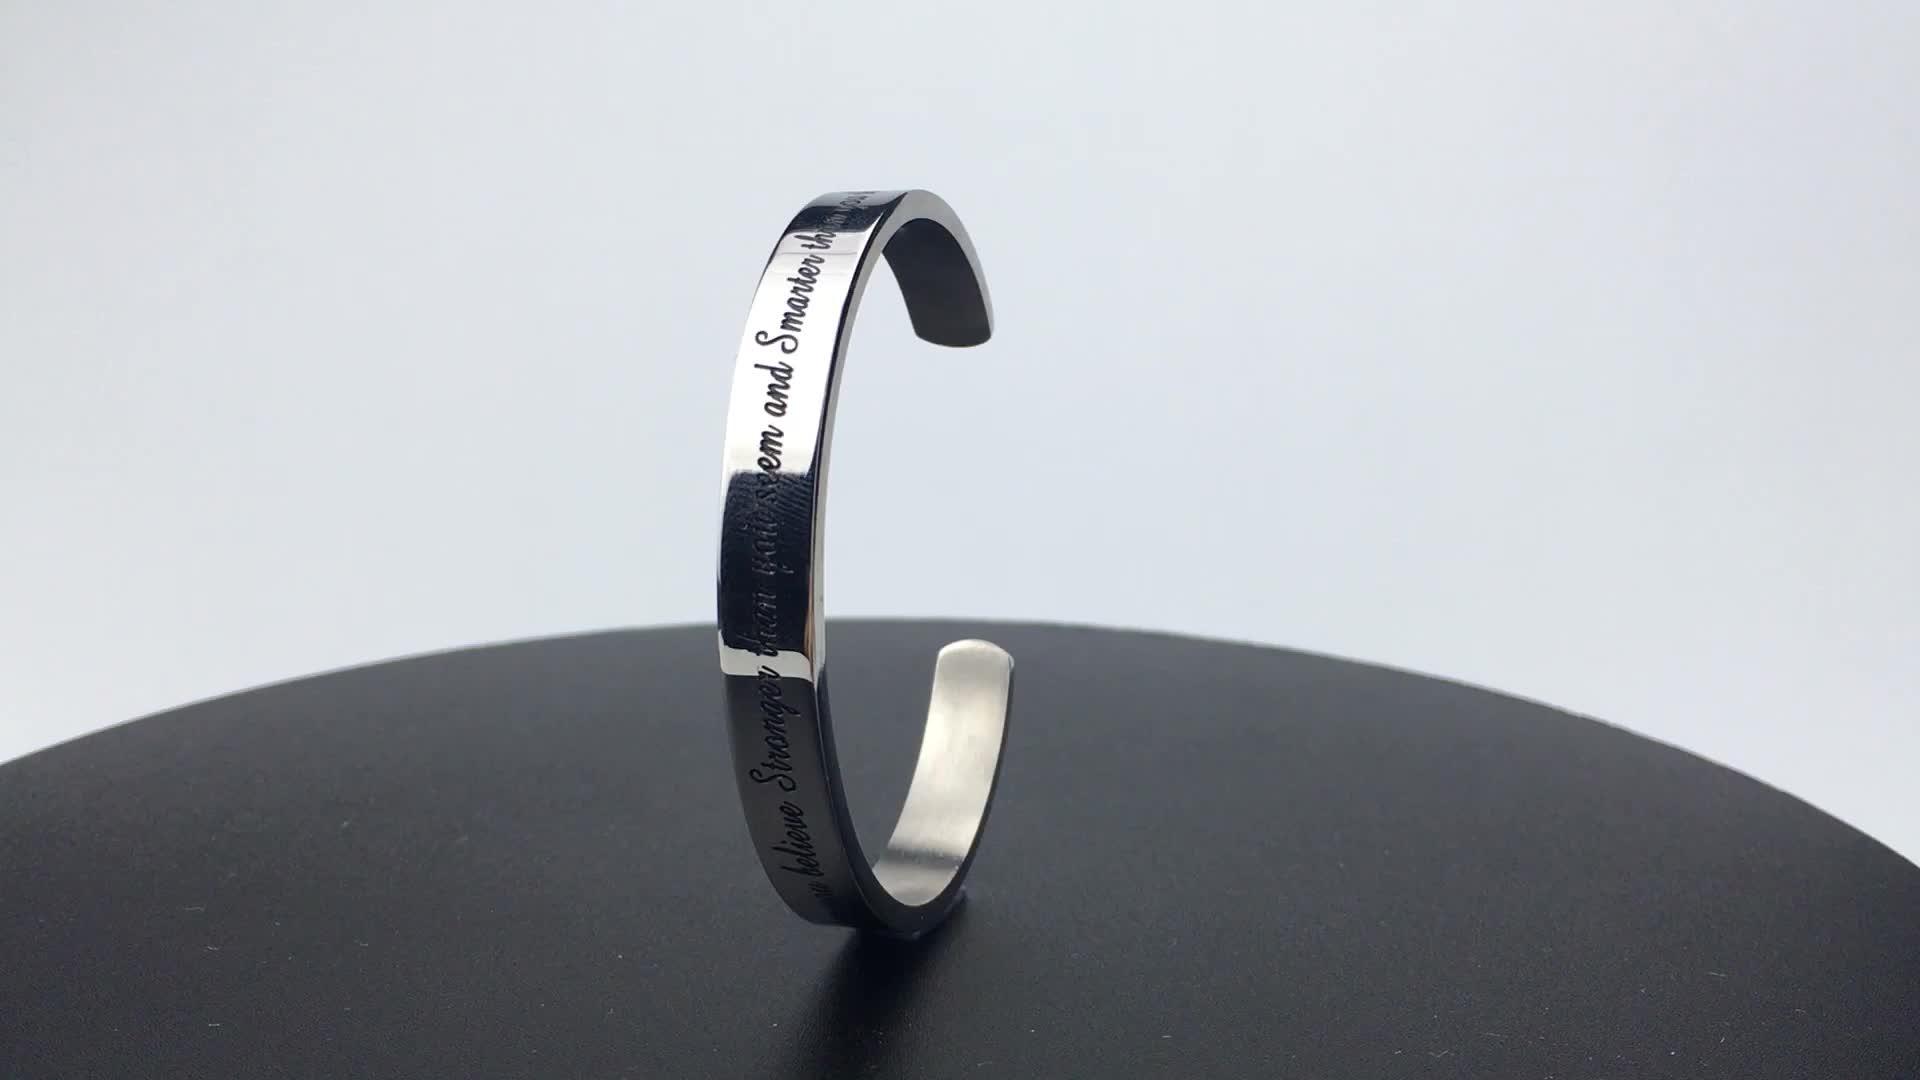 4MM 맞춤형 스틸 포지티브 영감 따옴표 새겨진 팔목 팔찌